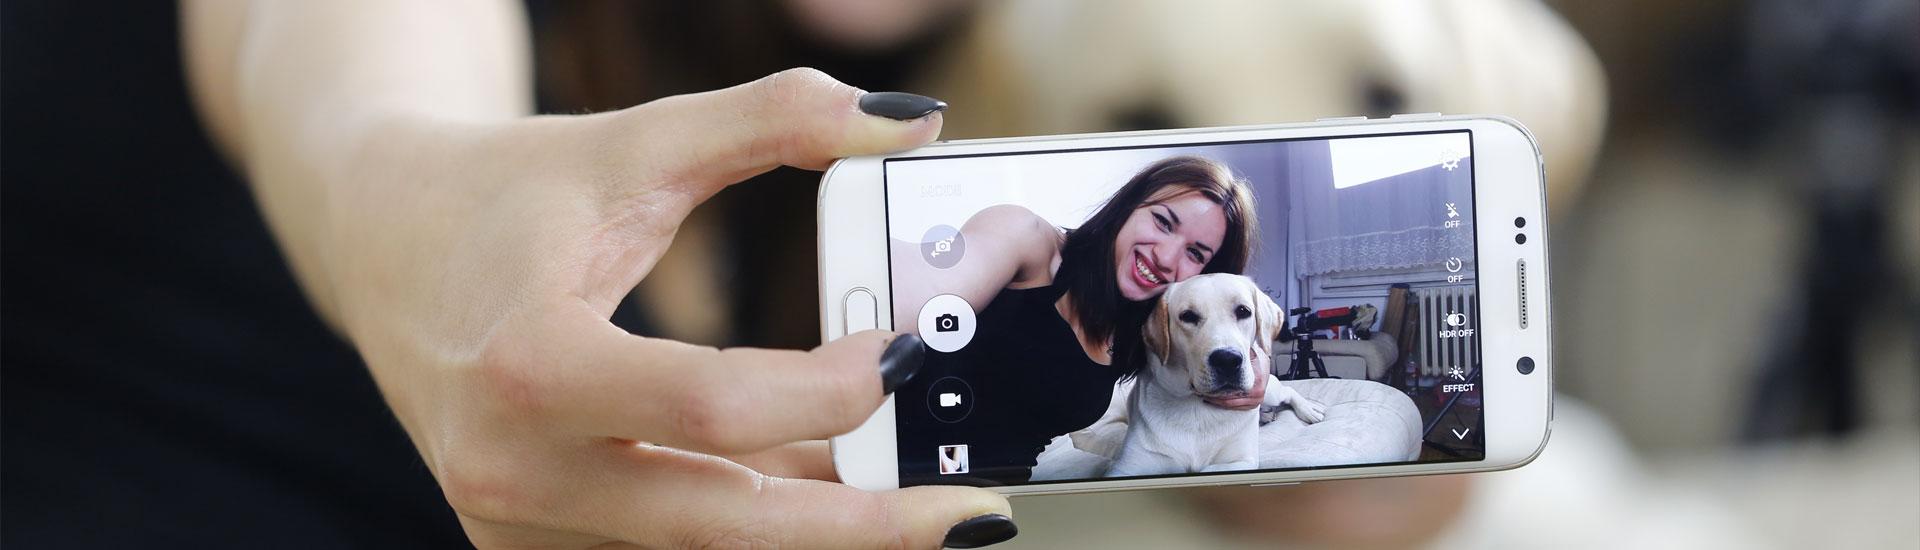 fotografar seu cão